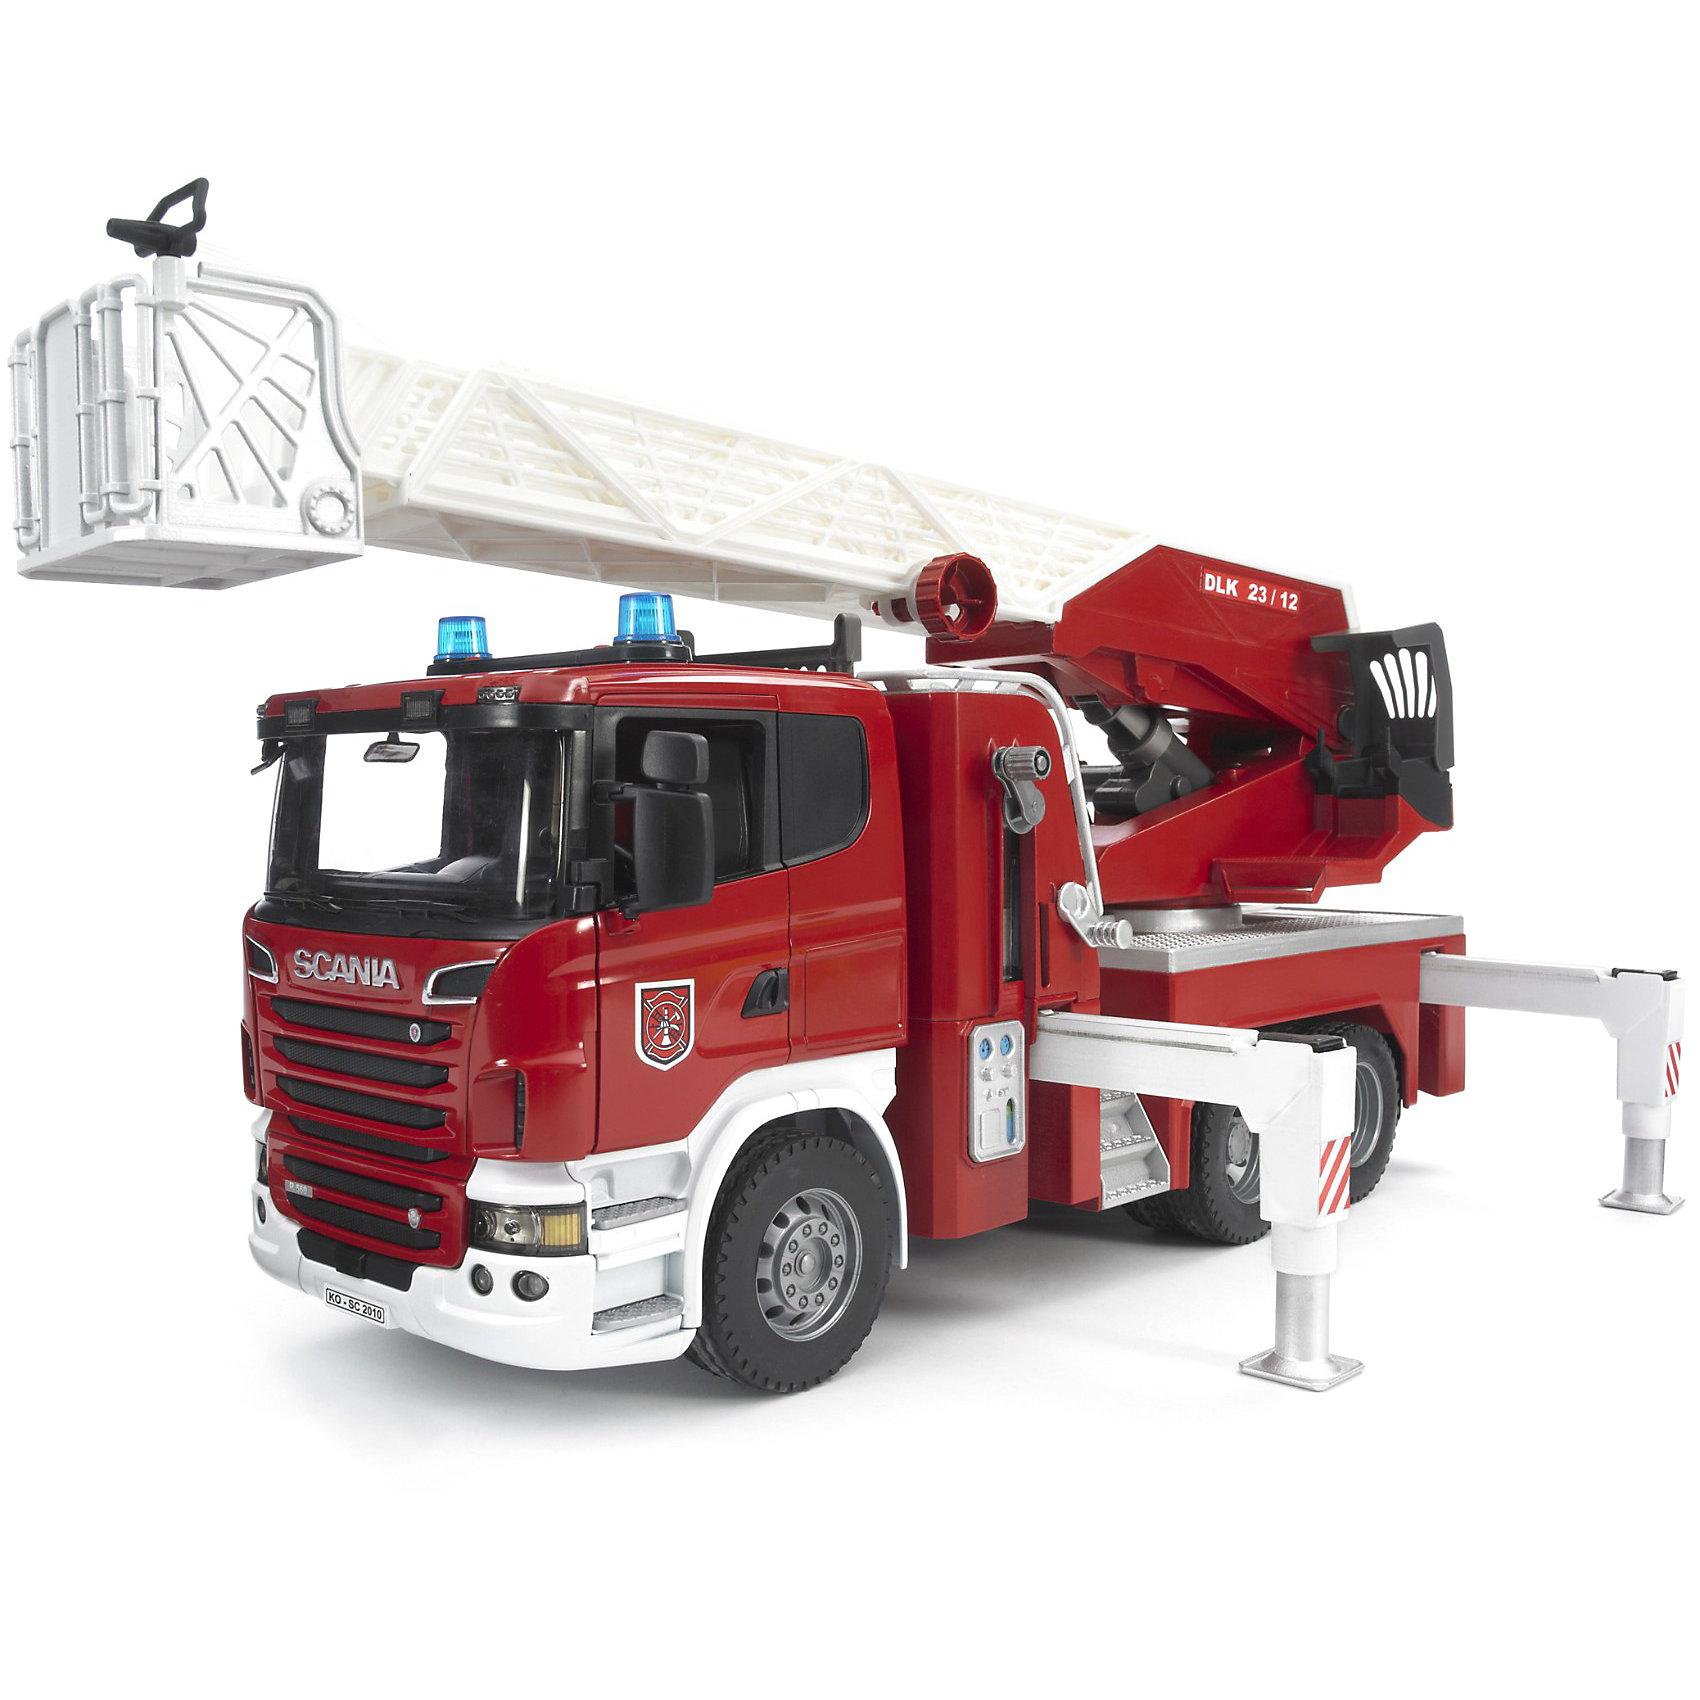 Пожарная машина Scania с выдвижной лестницей и помпой, BruderПожарная машина Scania с выдвижной лестницей и помпой с модулем со световыми и звуковыми эффектами от Брудер оснащена интерактивными функциями и множеством приспособлений для тушения пожара. Как здорово почувствовать себя настоящим пожарным, спешащим на помощь под звуки сирены и мигание проблесковых маячков!<br><br>Дополнительная информация:<br><br>- кабина со стеклом из прозрачного поликарбоната, оборудована двумя креслами, рулем и декоративными рычагами управления<br>- двери открываются, руль вращается, на дверях есть регулируемые зеркала <br>- для лучшей устойчивости машинка оснащена 4 стойками <br>- на кабине закреплен модуль со световыми и звуковыми эффектами <br>- 4 эффекта: звук работающего двигателя, гудок, мигание проблесковых маячков, звук американской и европейской сирены, длительность эффектов 18 секунд <br>- есть выдвижная лестница с корзиной для пожарного на подвижной платформе, удлиняется до 120 см, меняет угол наклона, поднимается вращением рукоятки, угол поворота платформы 360° <br>- машинка оборудована ящиком для инструментов, емкостью для воды и длинным рукавом <br>- подача воды в рукав осуществляется при помощи ручного насоса <br>- колеса с крупными протекторами <br>- в резервуар можно заливать воду <br>- водяной помповый насос подает воду в шланг с разбрызгивателем <br>- в комплекте: пожарная машина, батарейки (2 шт. типа ААА 1,5 V)<br>- размеры: длина машины-59 см, высота-26,5 см<br>- материал: ударопрочная пластмасса, резина<br><br>Пожарную машину Scania с выдвижной лестницей и помпой, Bruder можно купить в нашем магазине.<br><br>Ширина мм: 622<br>Глубина мм: 304<br>Высота мм: 220<br>Вес г: 3799<br>Возраст от месяцев: 48<br>Возраст до месяцев: 96<br>Пол: Мужской<br>Возраст: Детский<br>SKU: 2514132